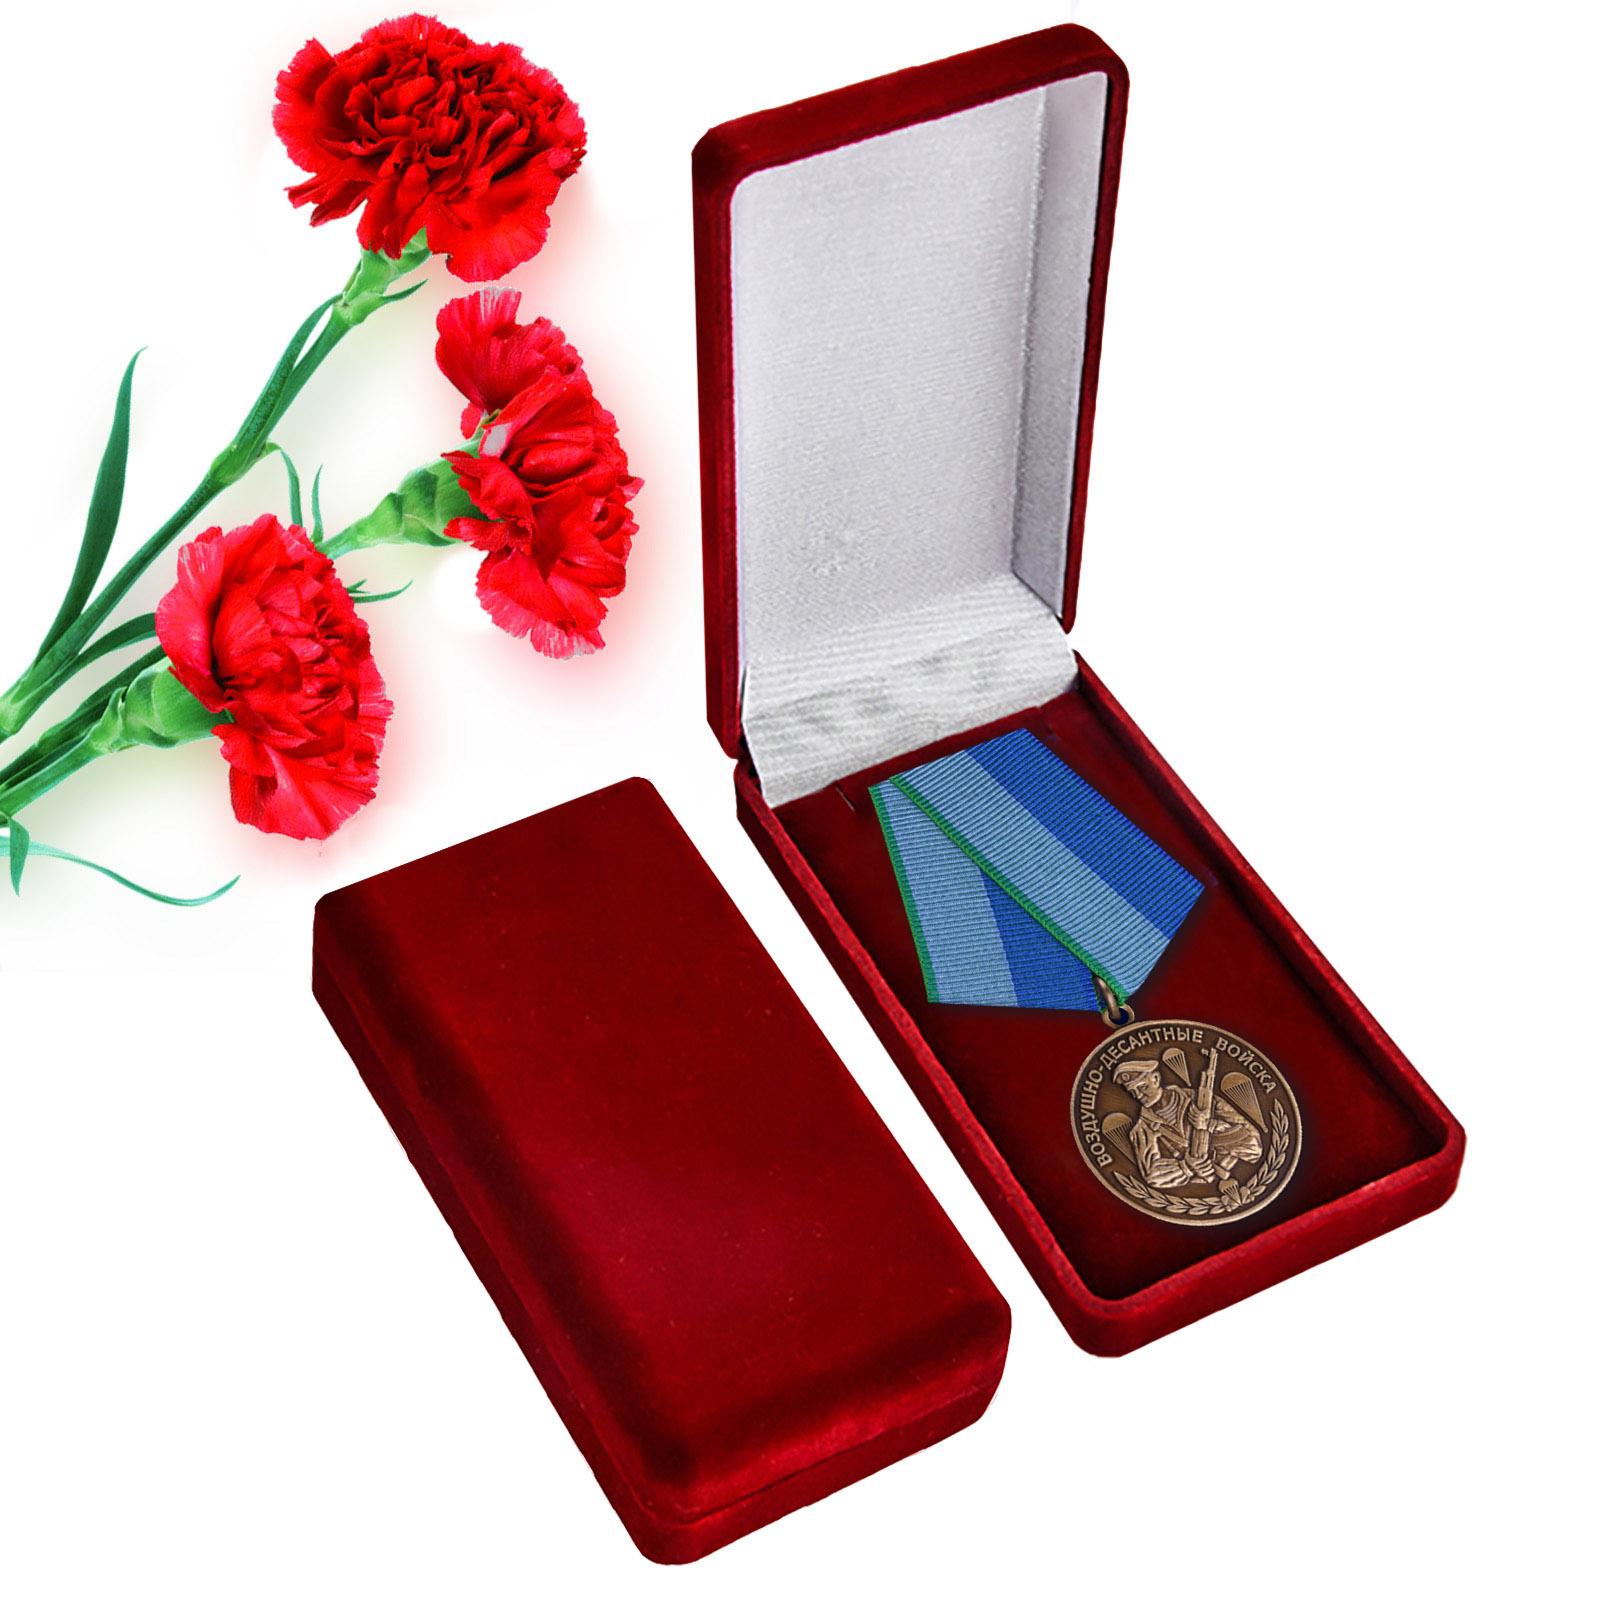 Медаль десантнику - общественная награда военнослужащим и ветеранам